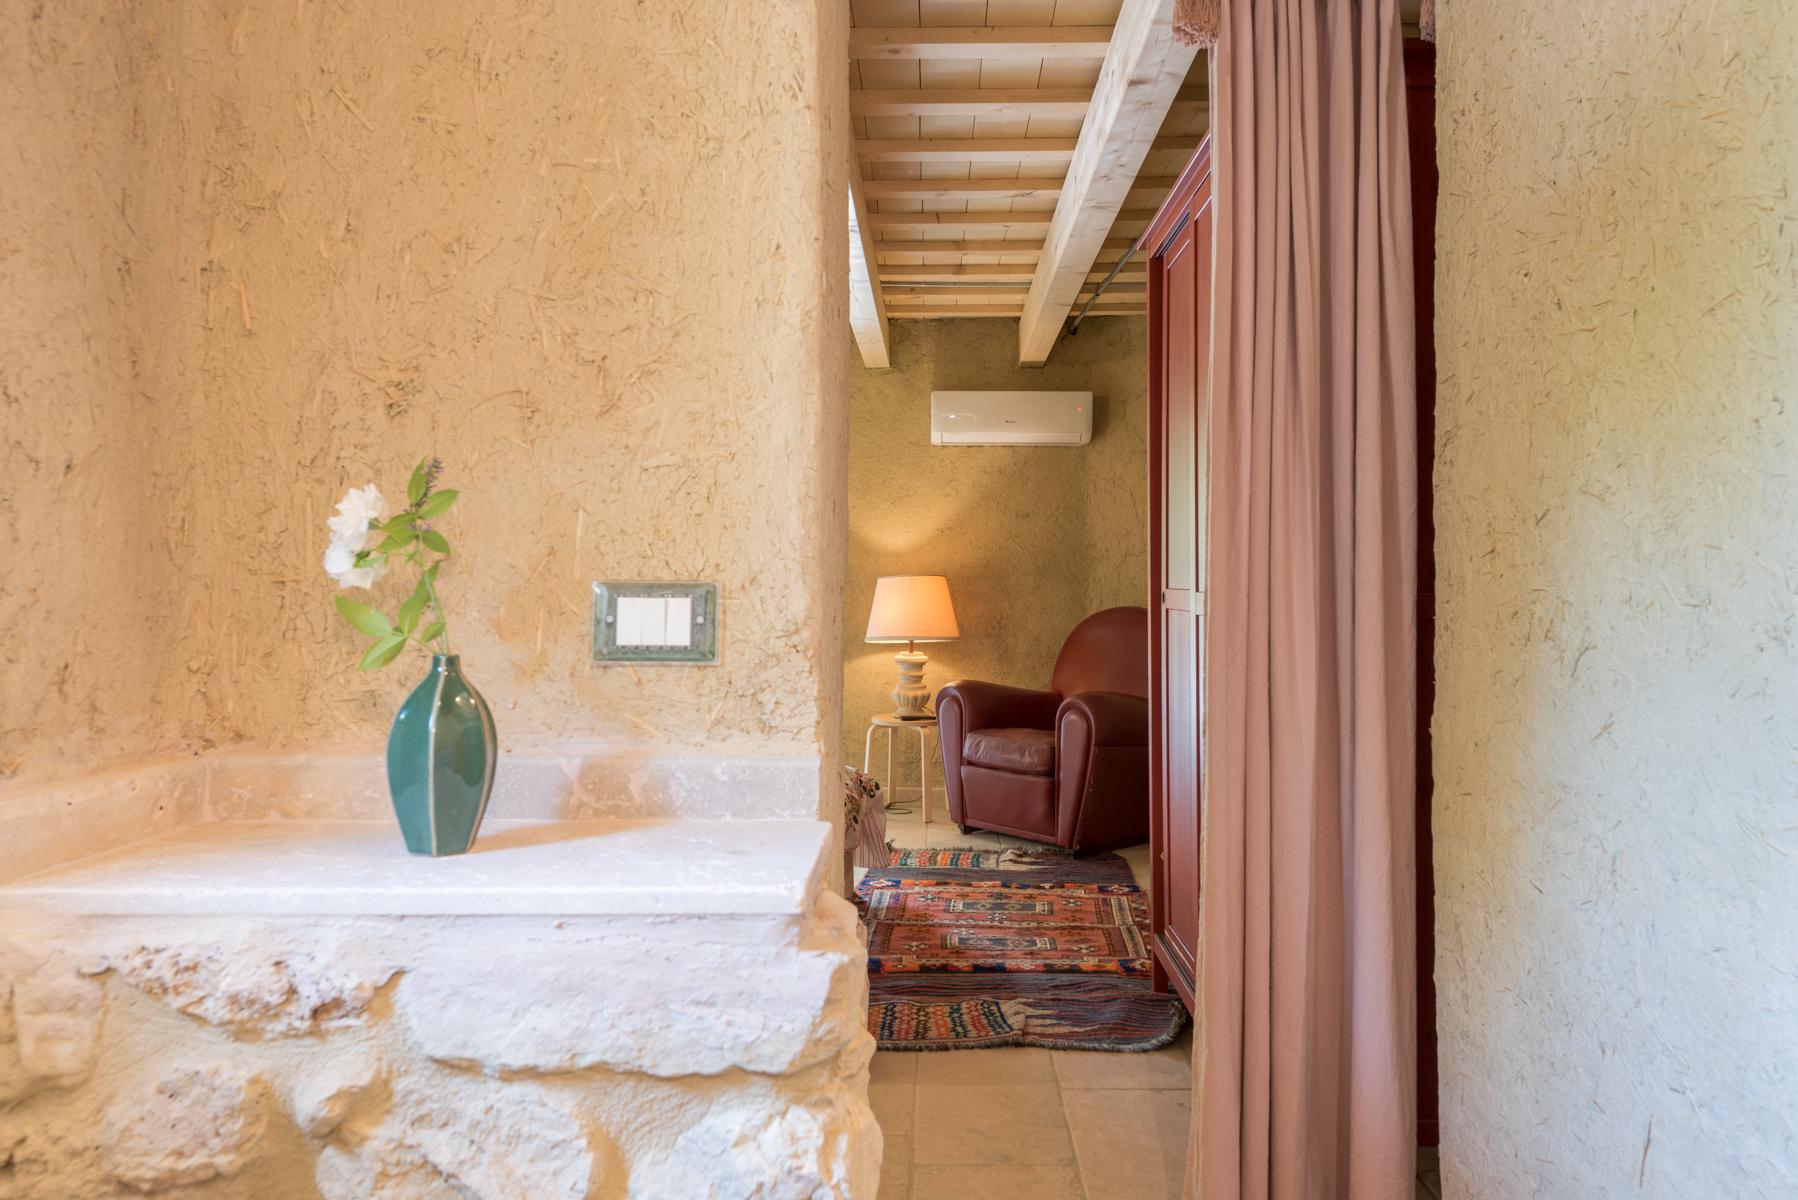 Villa Villa for sale Casalincontrada (CH), Casa Sentinella - Casalincontrada - EUR 321.299 440